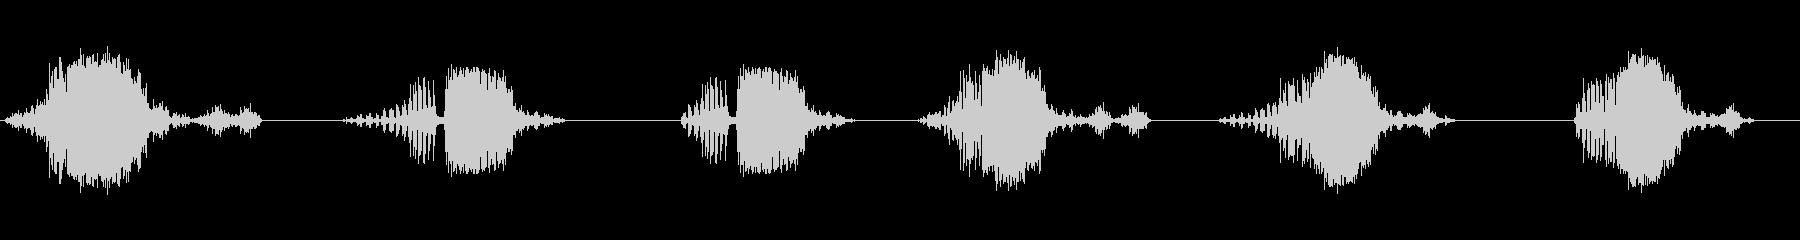 さまざまな短いライオンのar音の要素の未再生の波形